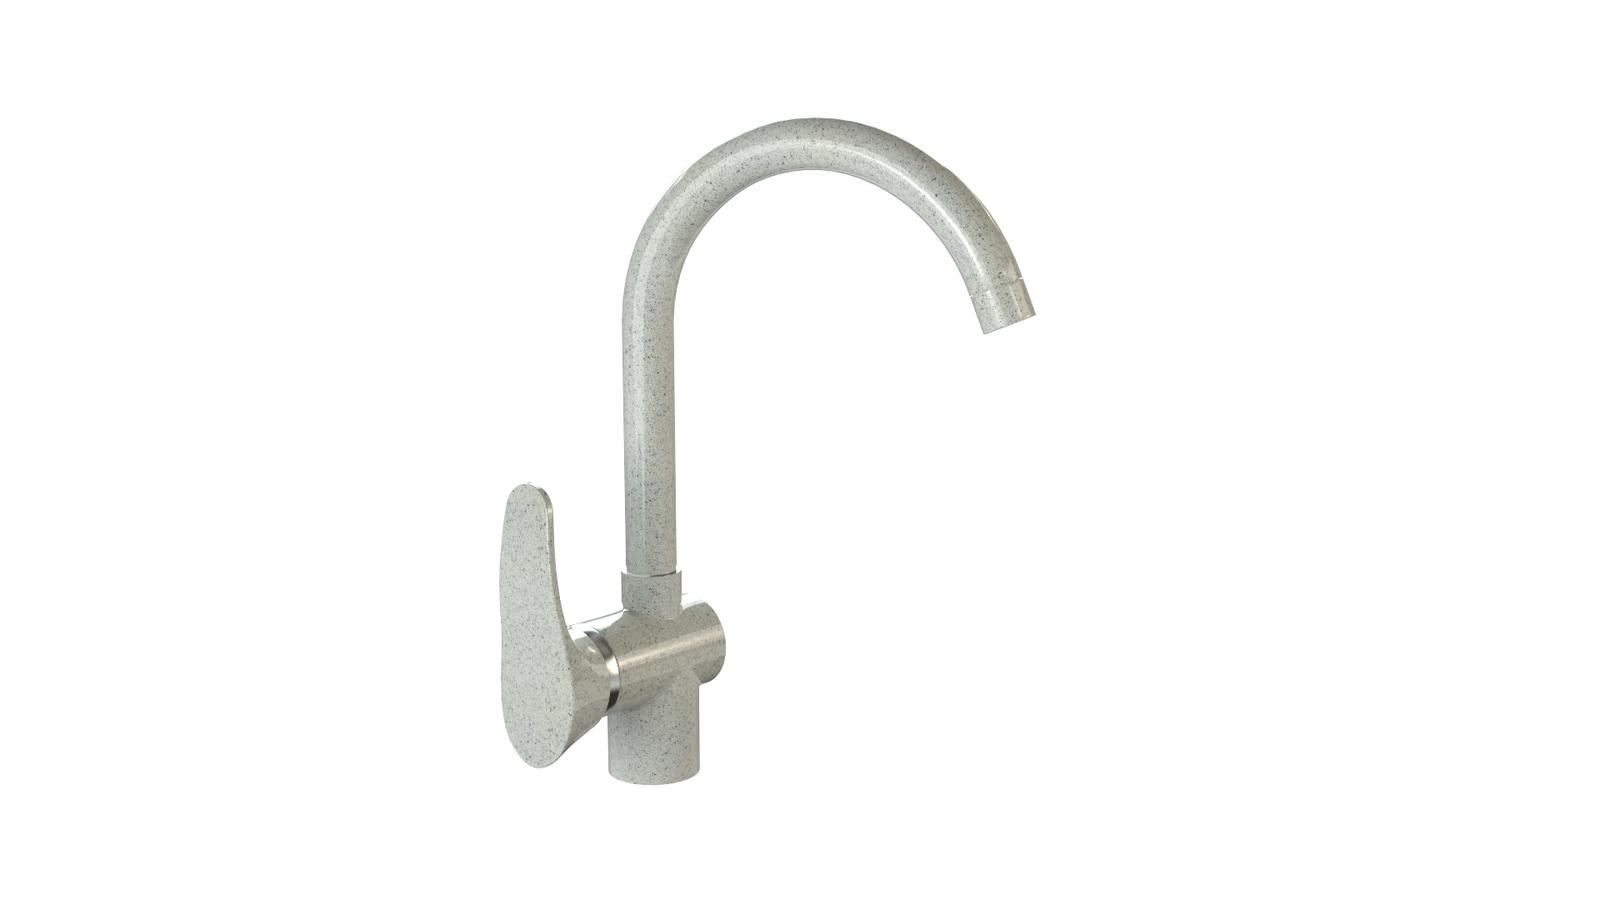 Смеситель для кухни глянцевый MARRBAXX MG-005Q010 светло-серый цена и фото